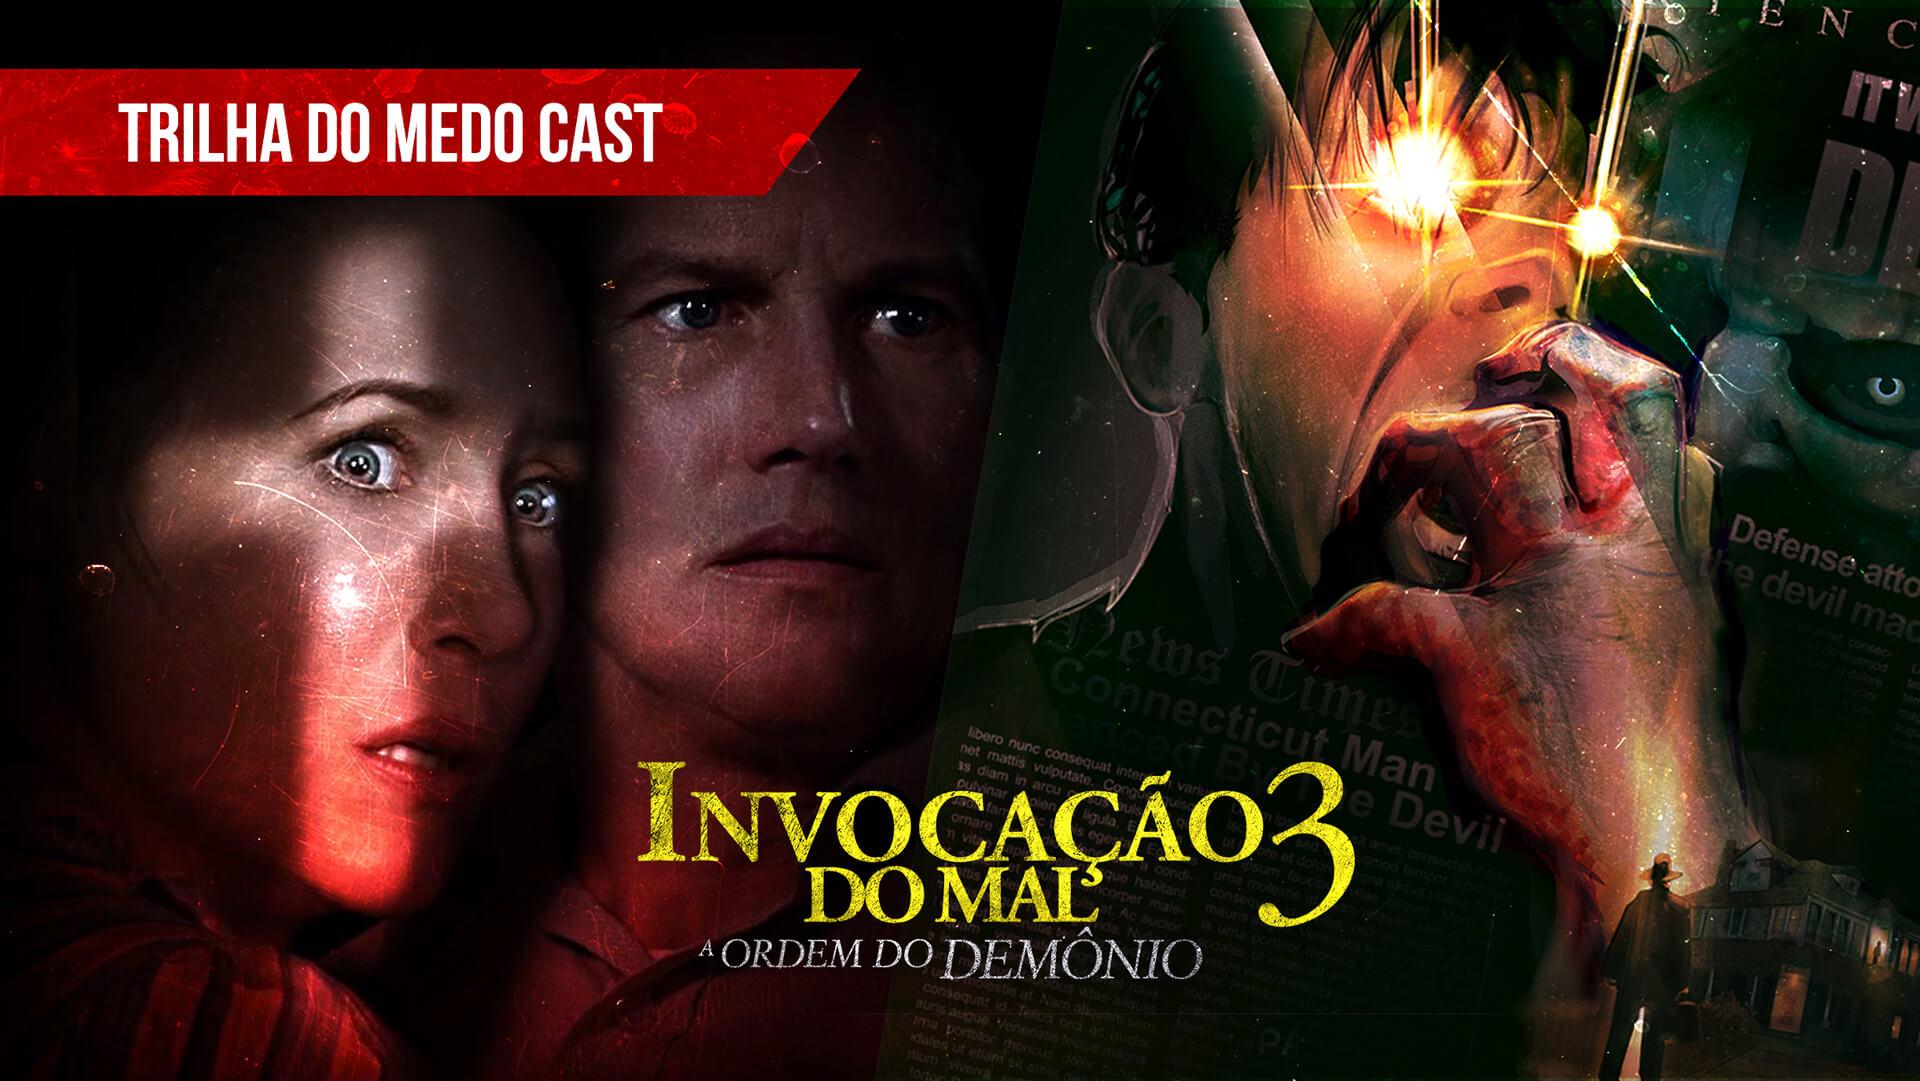 [TrilhadoMedo PodCast] – Invocação do Mal 3: A Ordem do Demônio